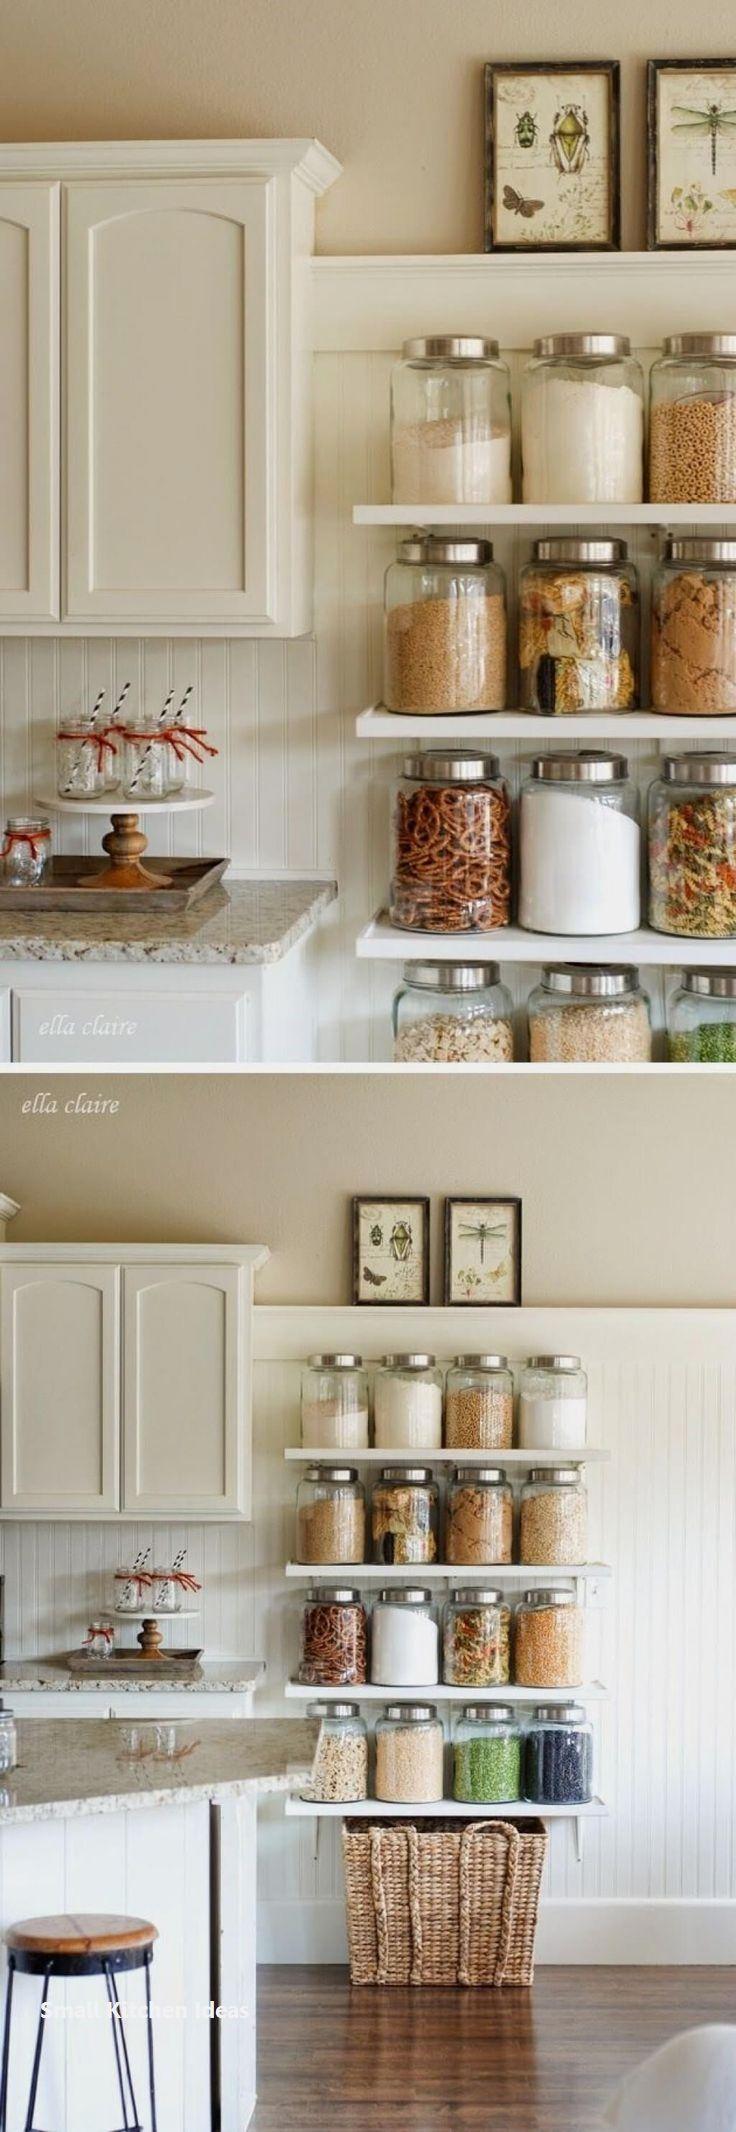 New Small Kitchen Decoration Diysmallkitchen Diy Decor